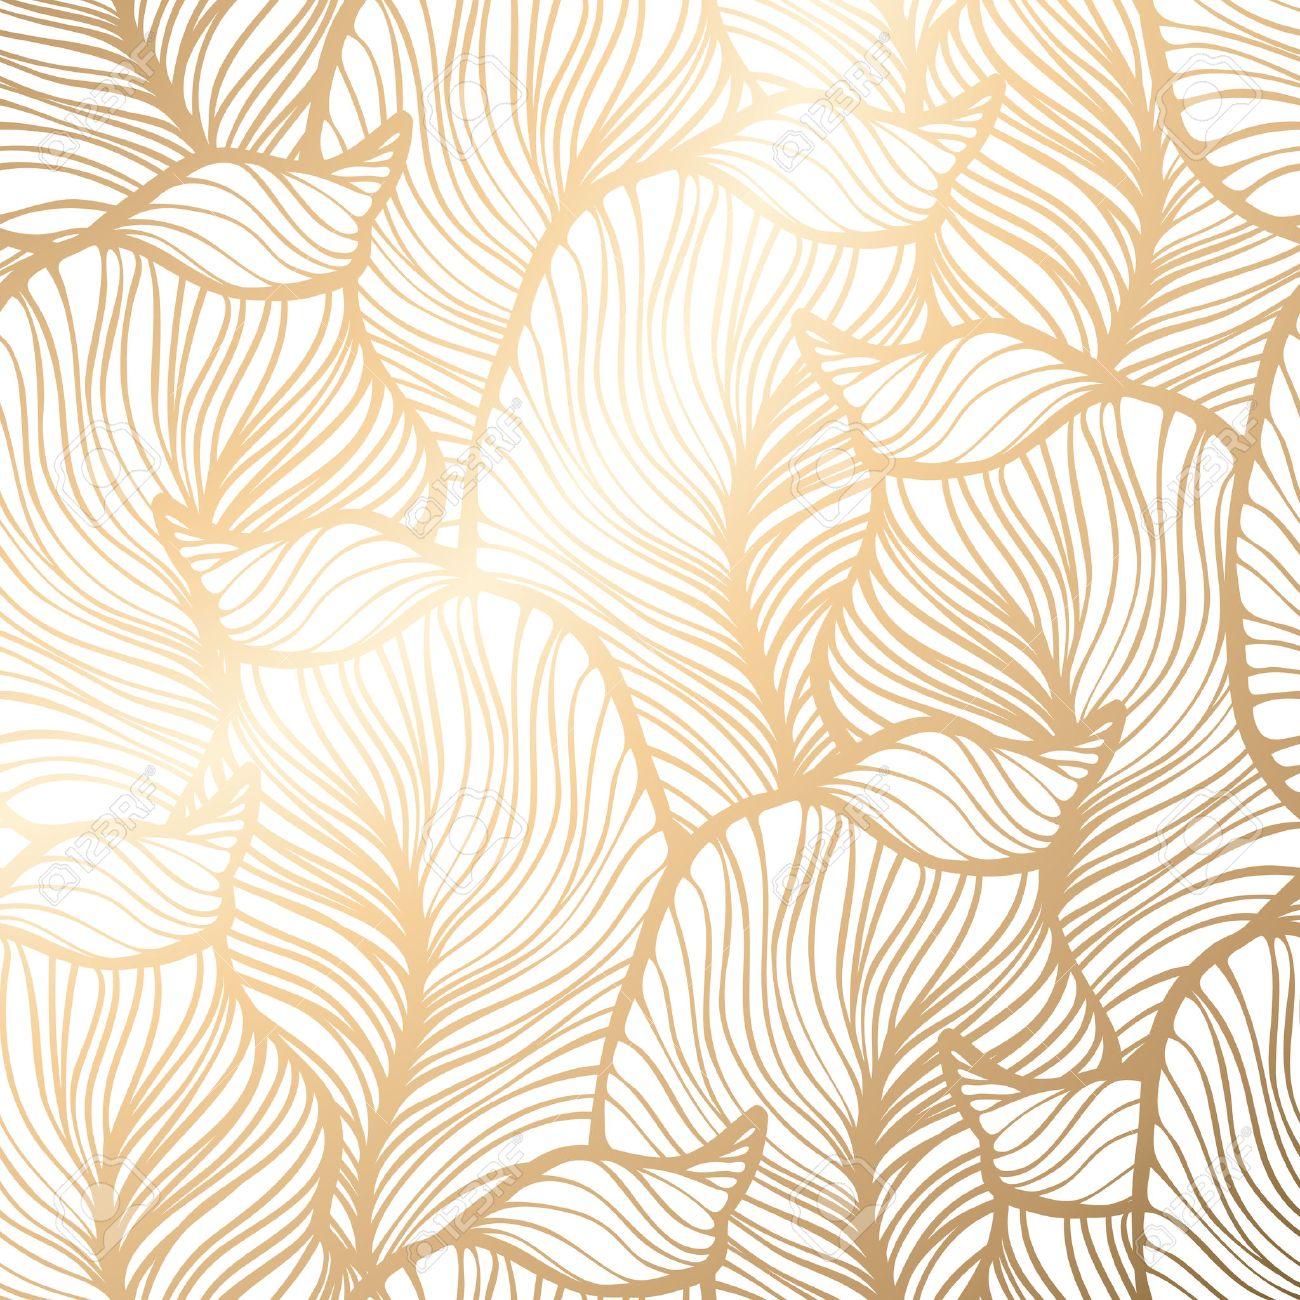 Damask seamless floral pattern. Royal wallpaper. Vector illustration. EPS 10. Gold leaf background - 52422466